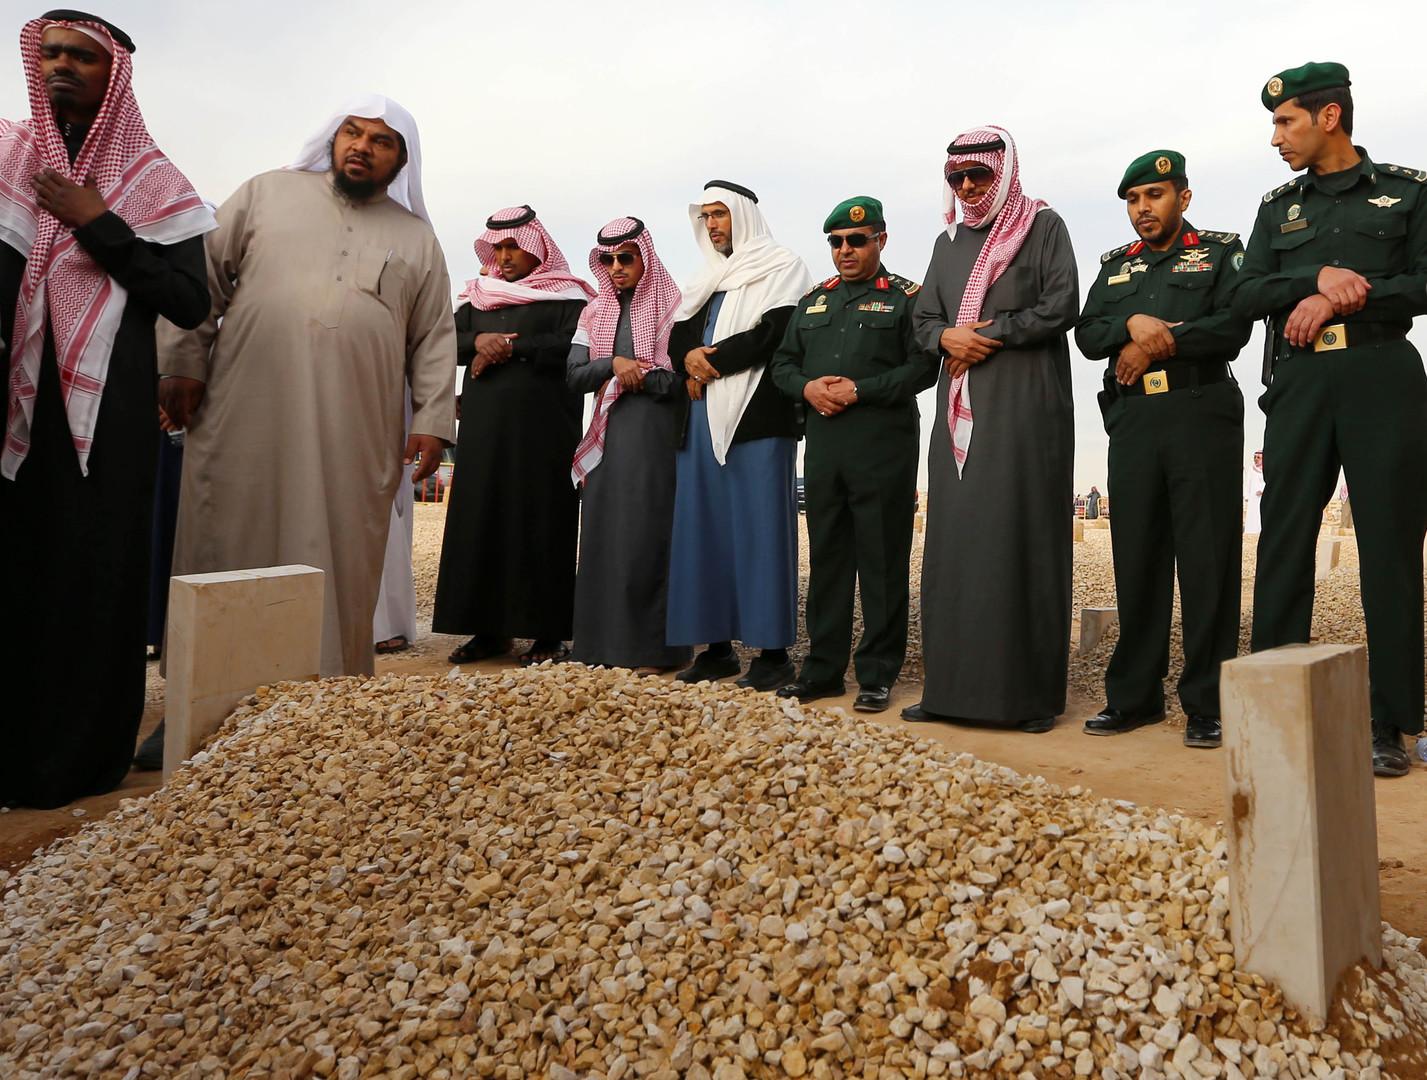 بالصور والفيديو..الملك عبد الله بن عبد العزيز الى مثواه الاخير